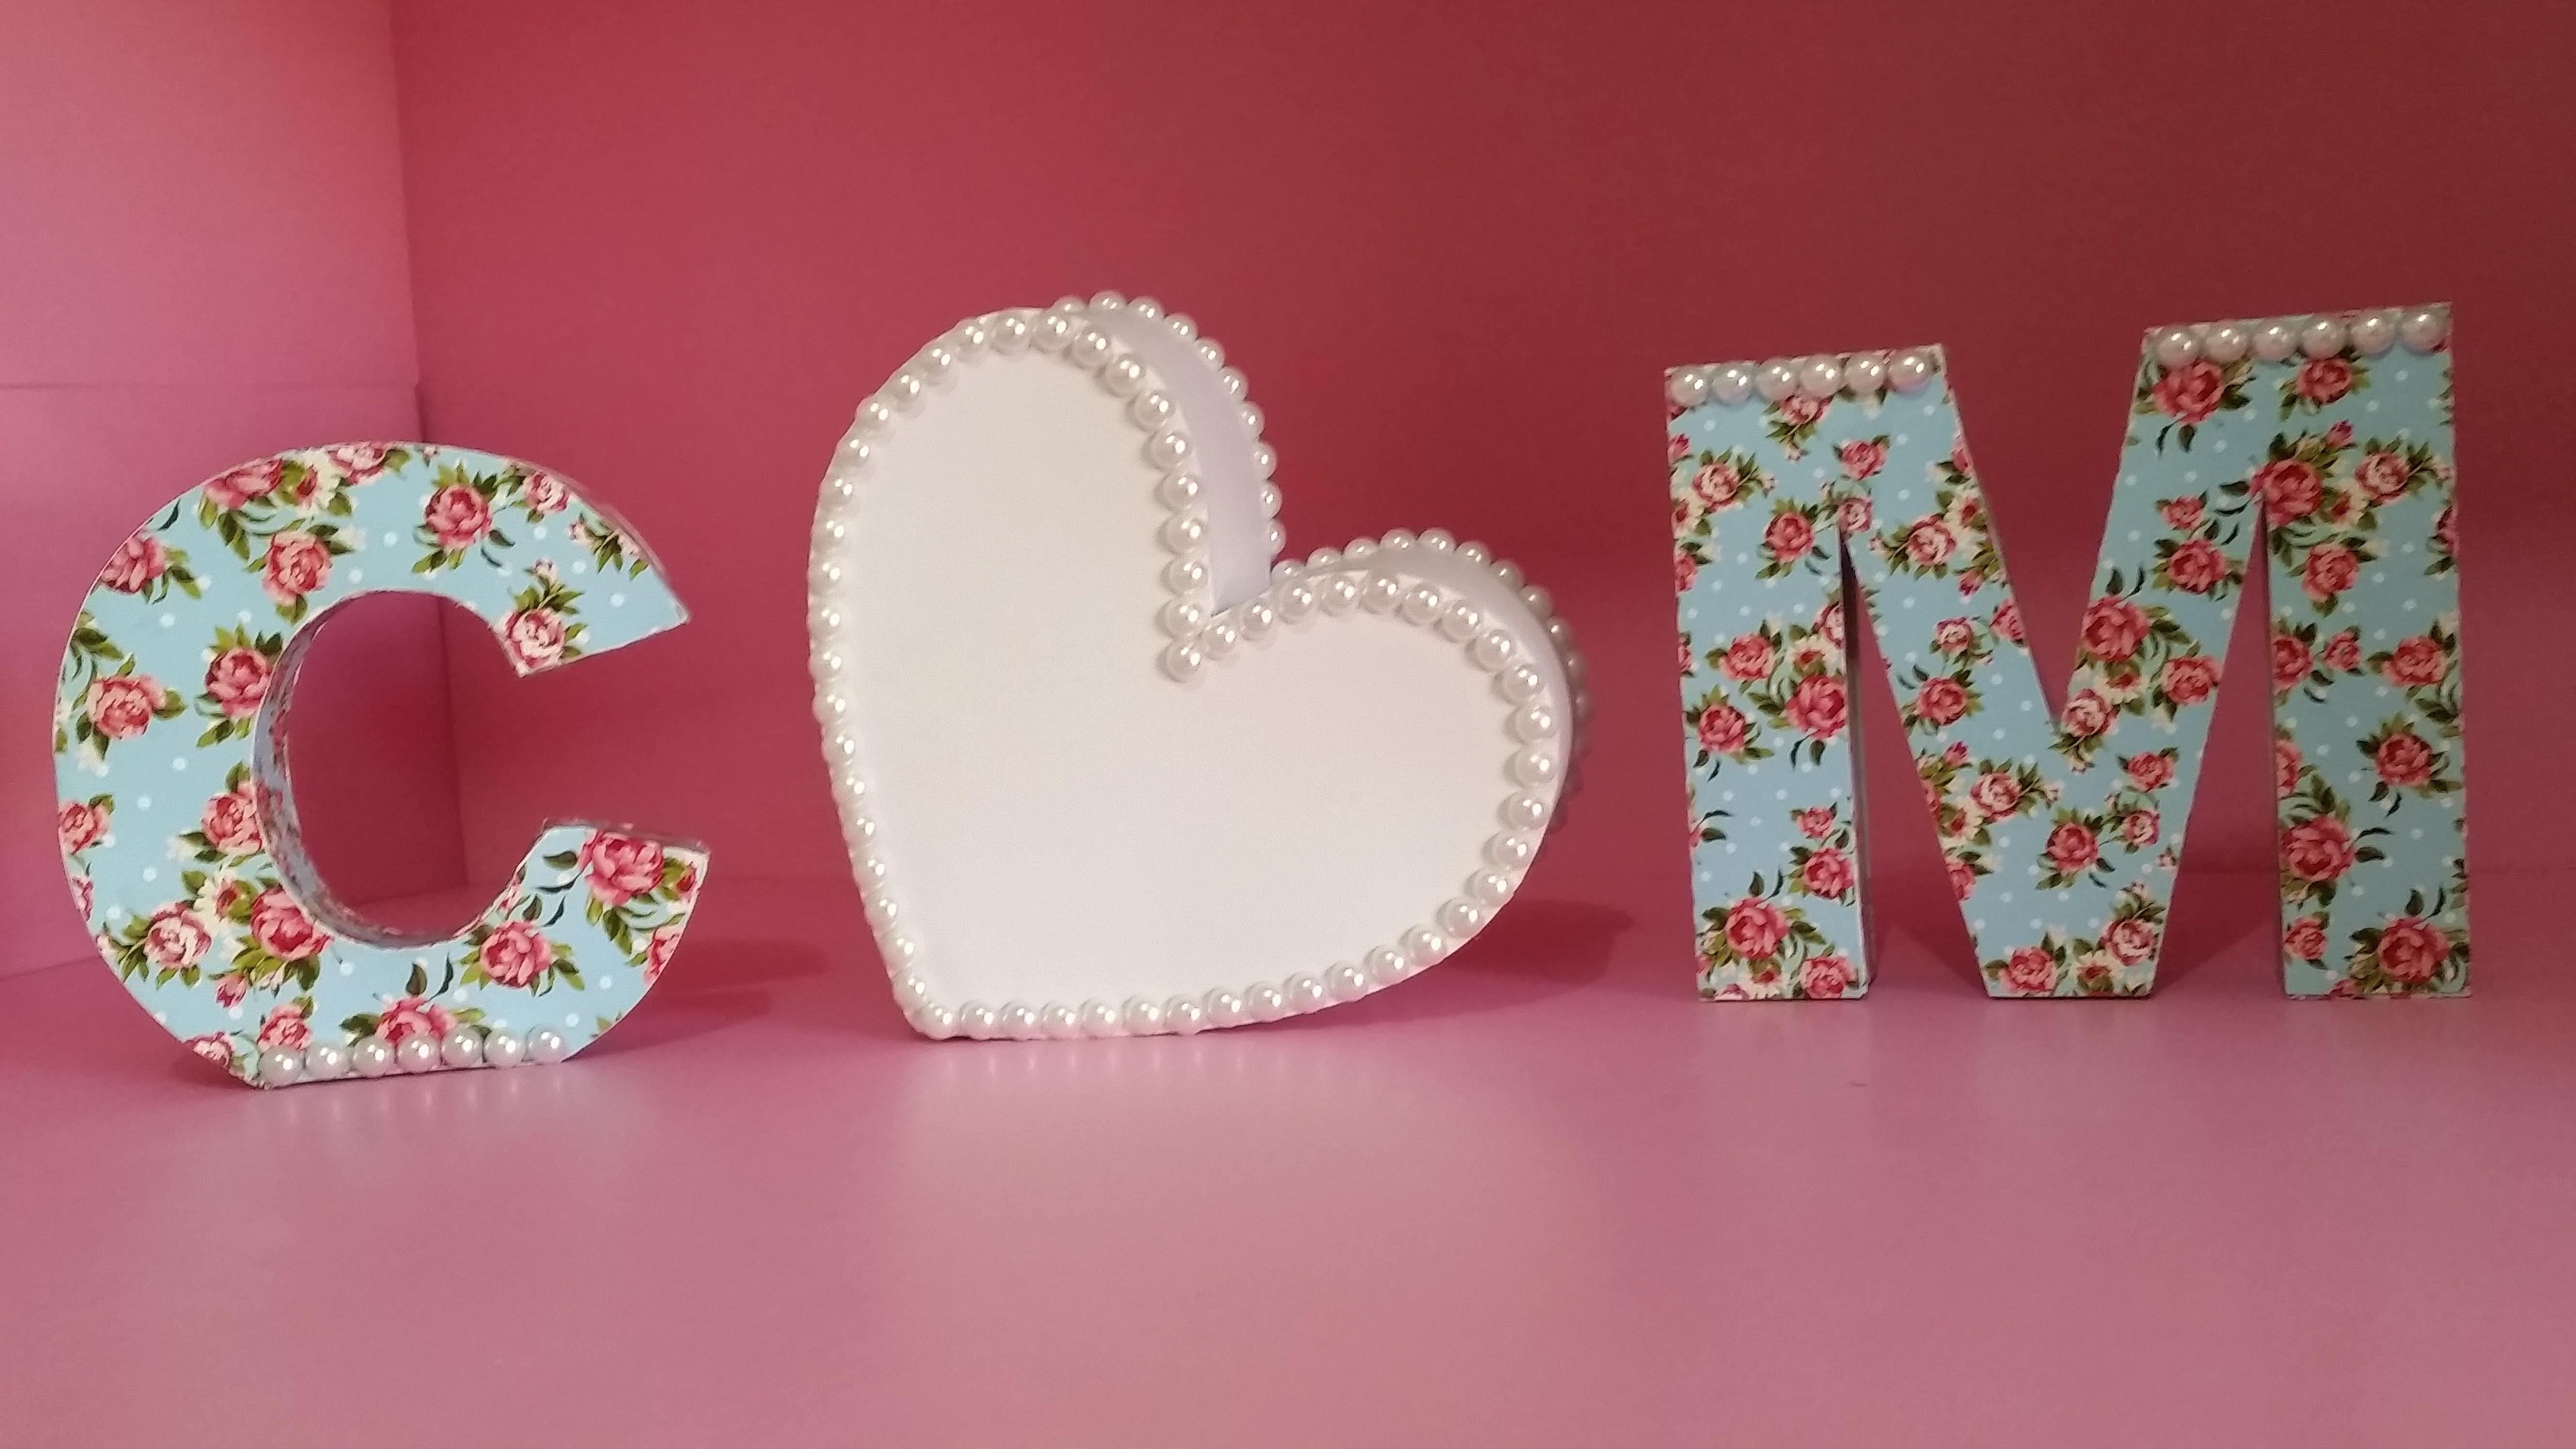 letras decorativas mimos da beltrame elo7 - Letras Decorativas